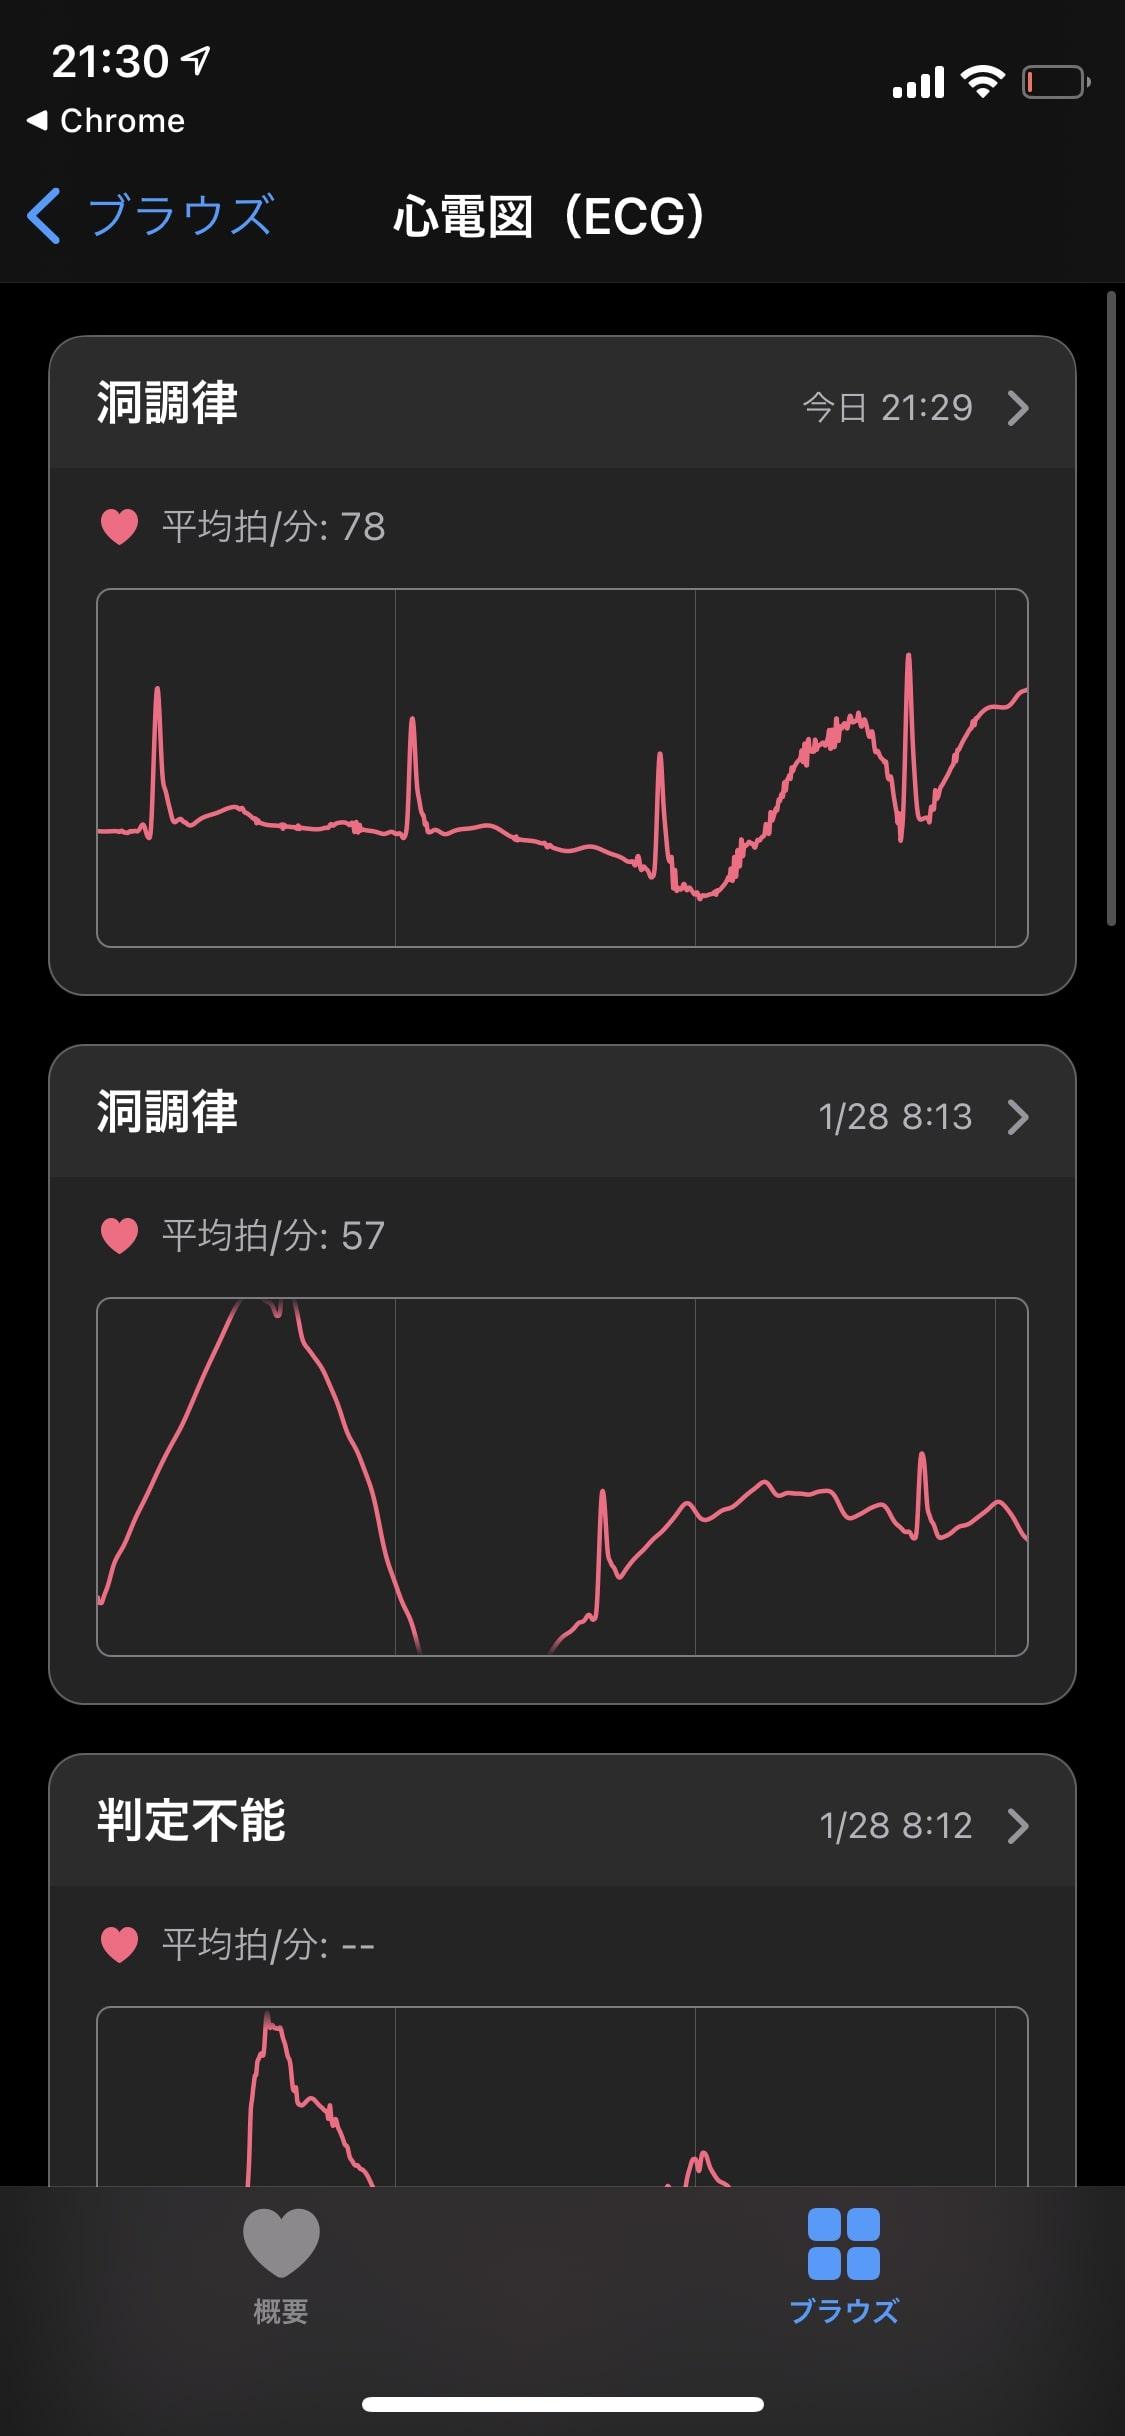 アップルウォッチの心電図アプリ